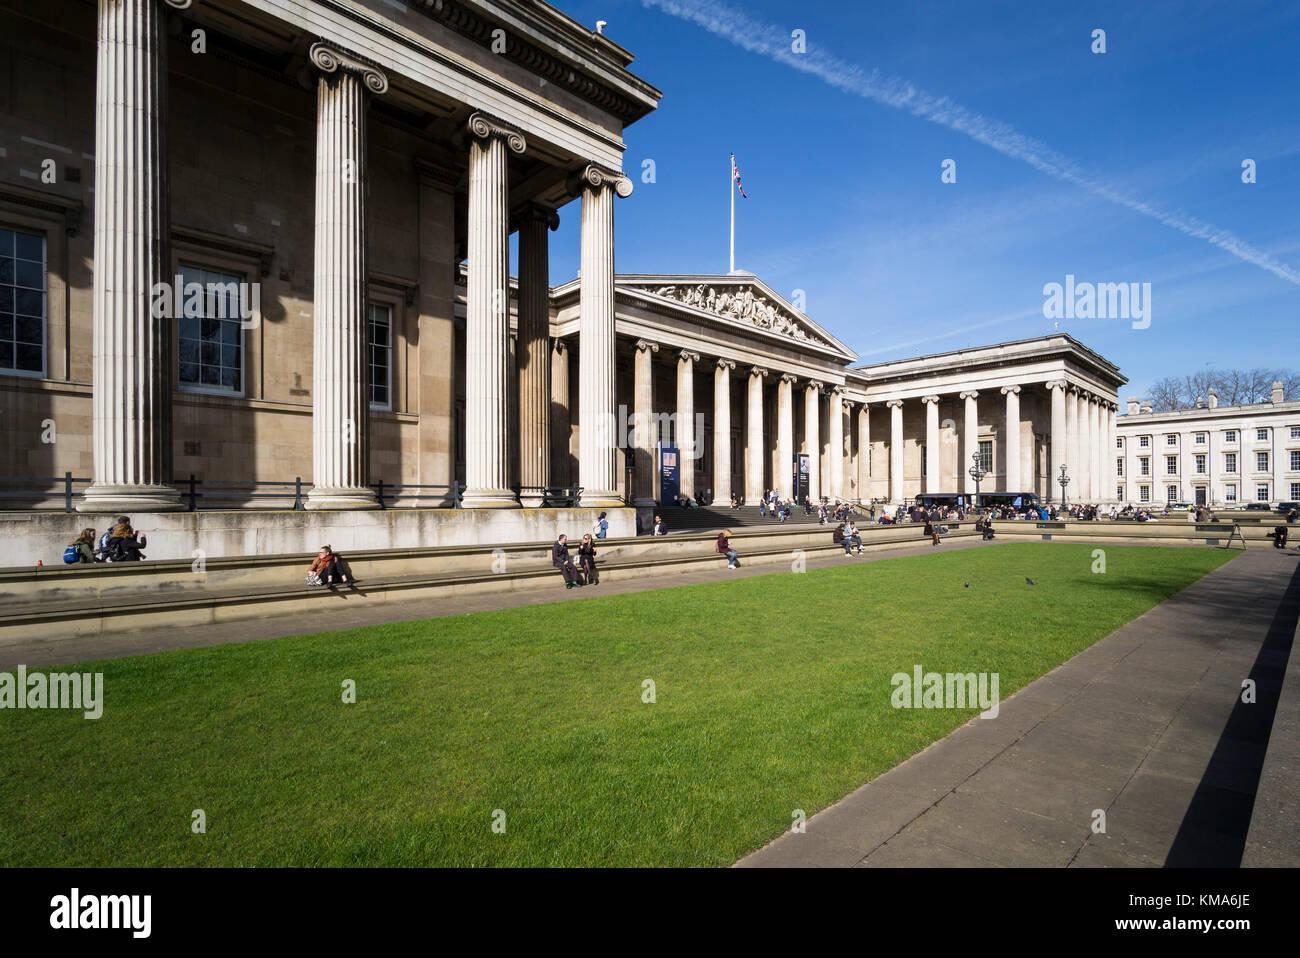 London. England. Griechischen Revival Äußere des British Museum, von Sir Robert Smirke (1780 - 1867) im Stockbild